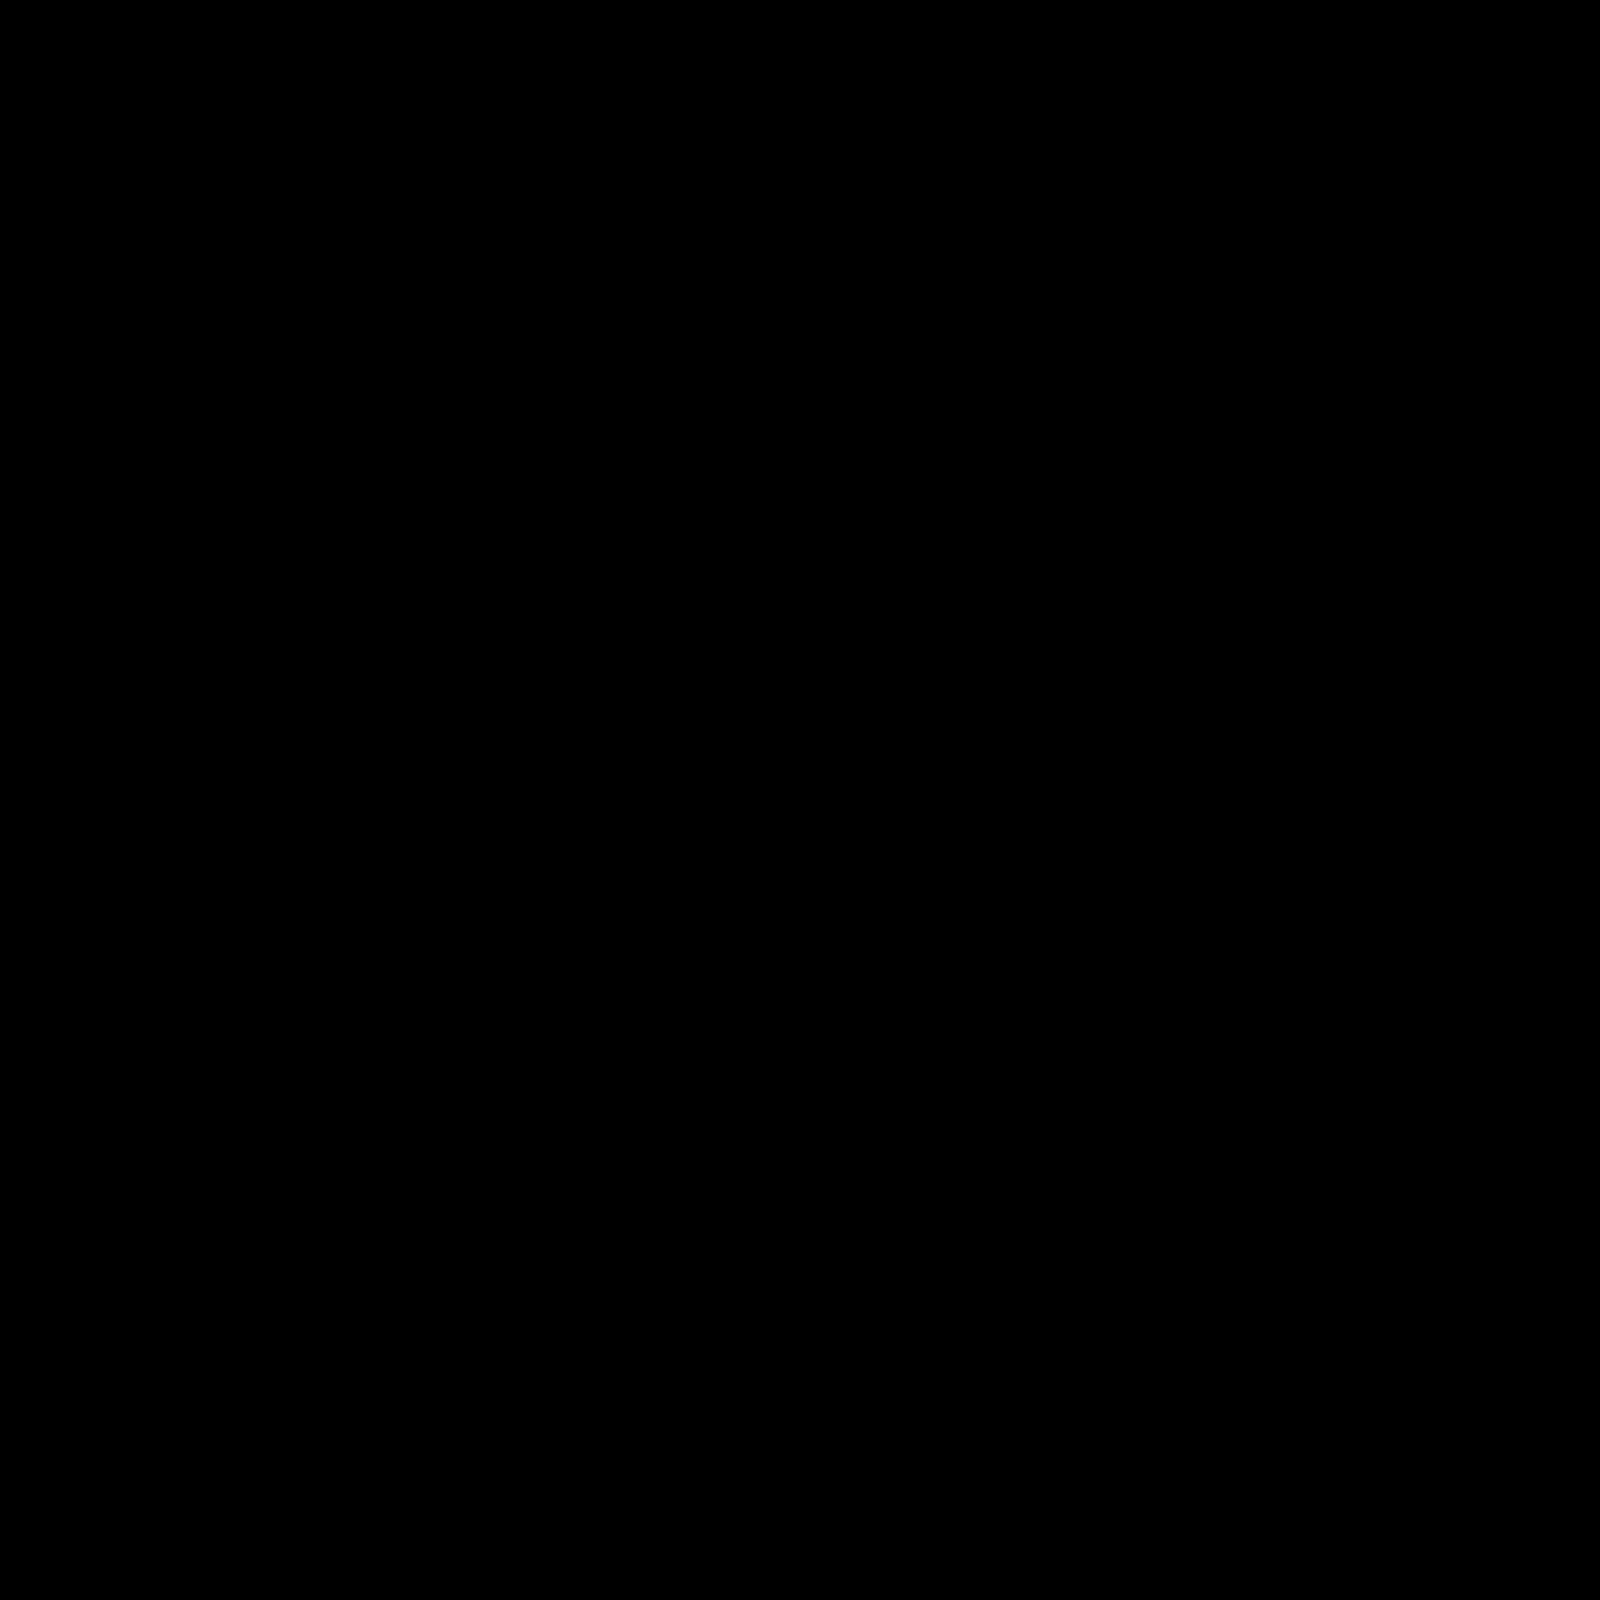 1600x1600 Phone Icon